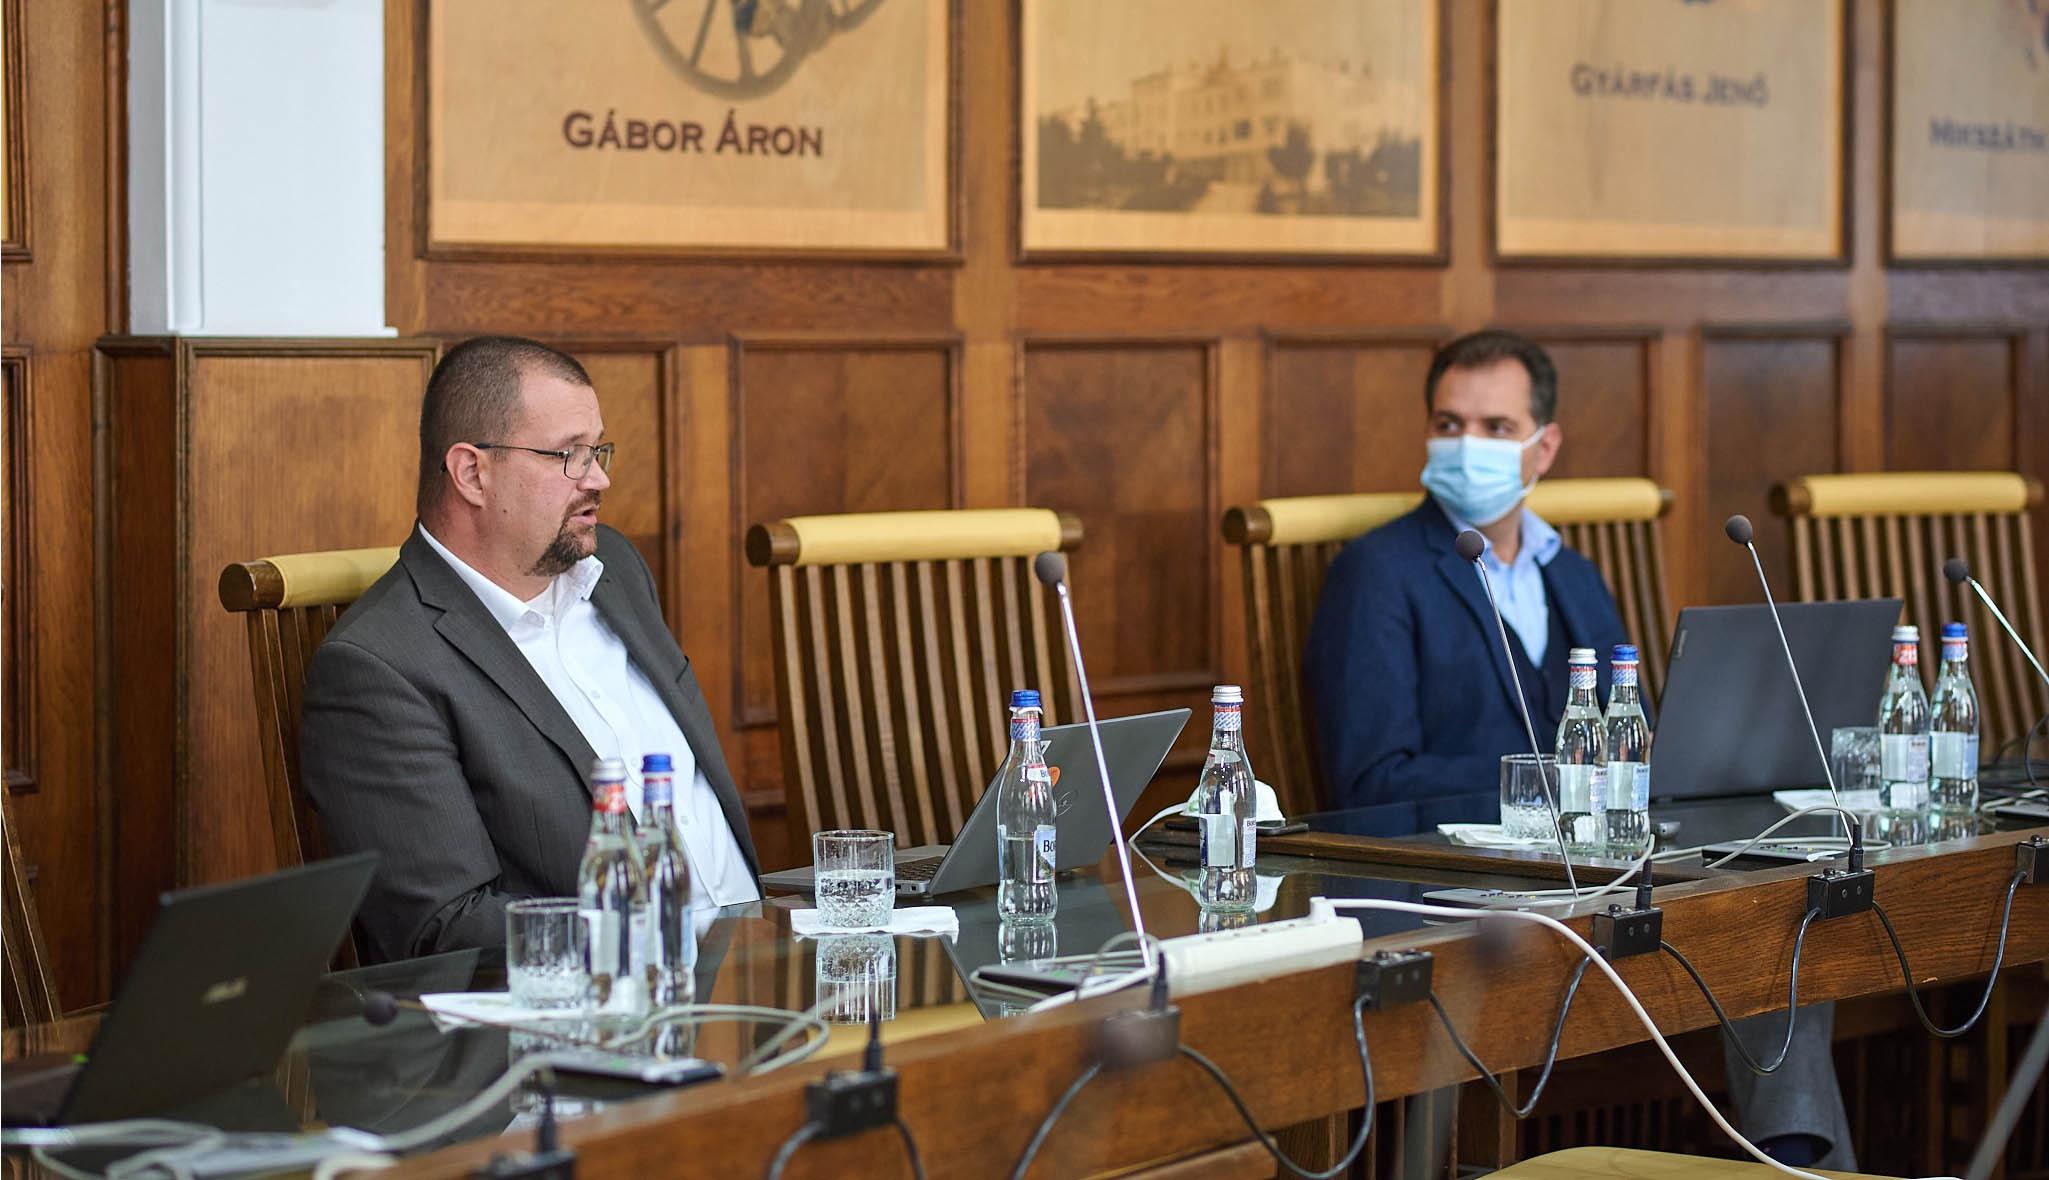 Készül a Gödri Ferenc városfejlesztési terv